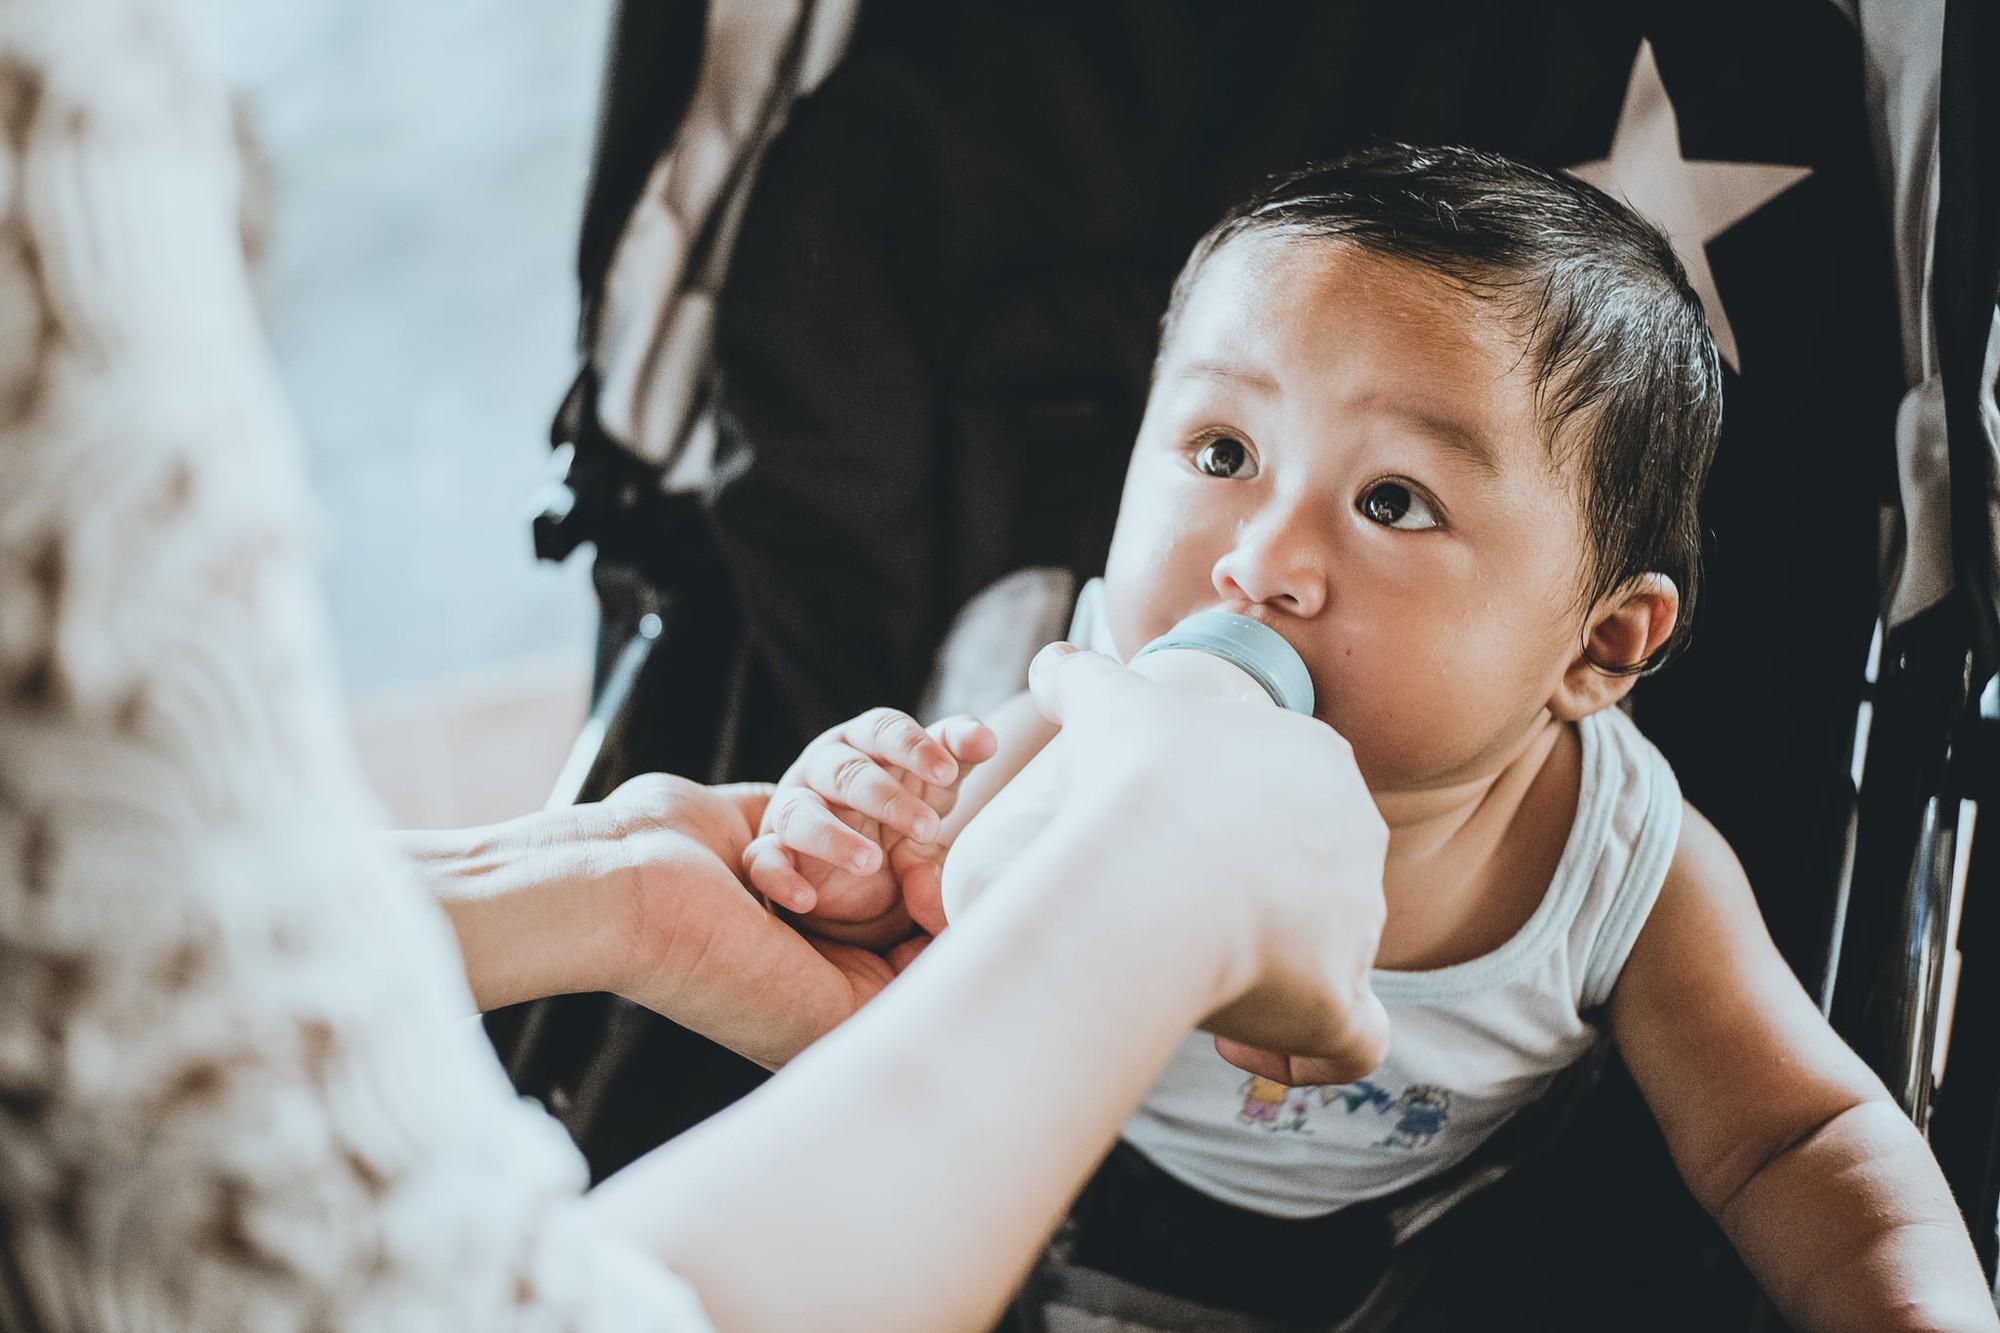 Hiệp hội Nhi khoa Mỹ cảnh báo cha mẹ bỏ ngay kiểu hâm nóng sữa và thức ăn cho trẻ bằng vật dụng này  - Ảnh 2.